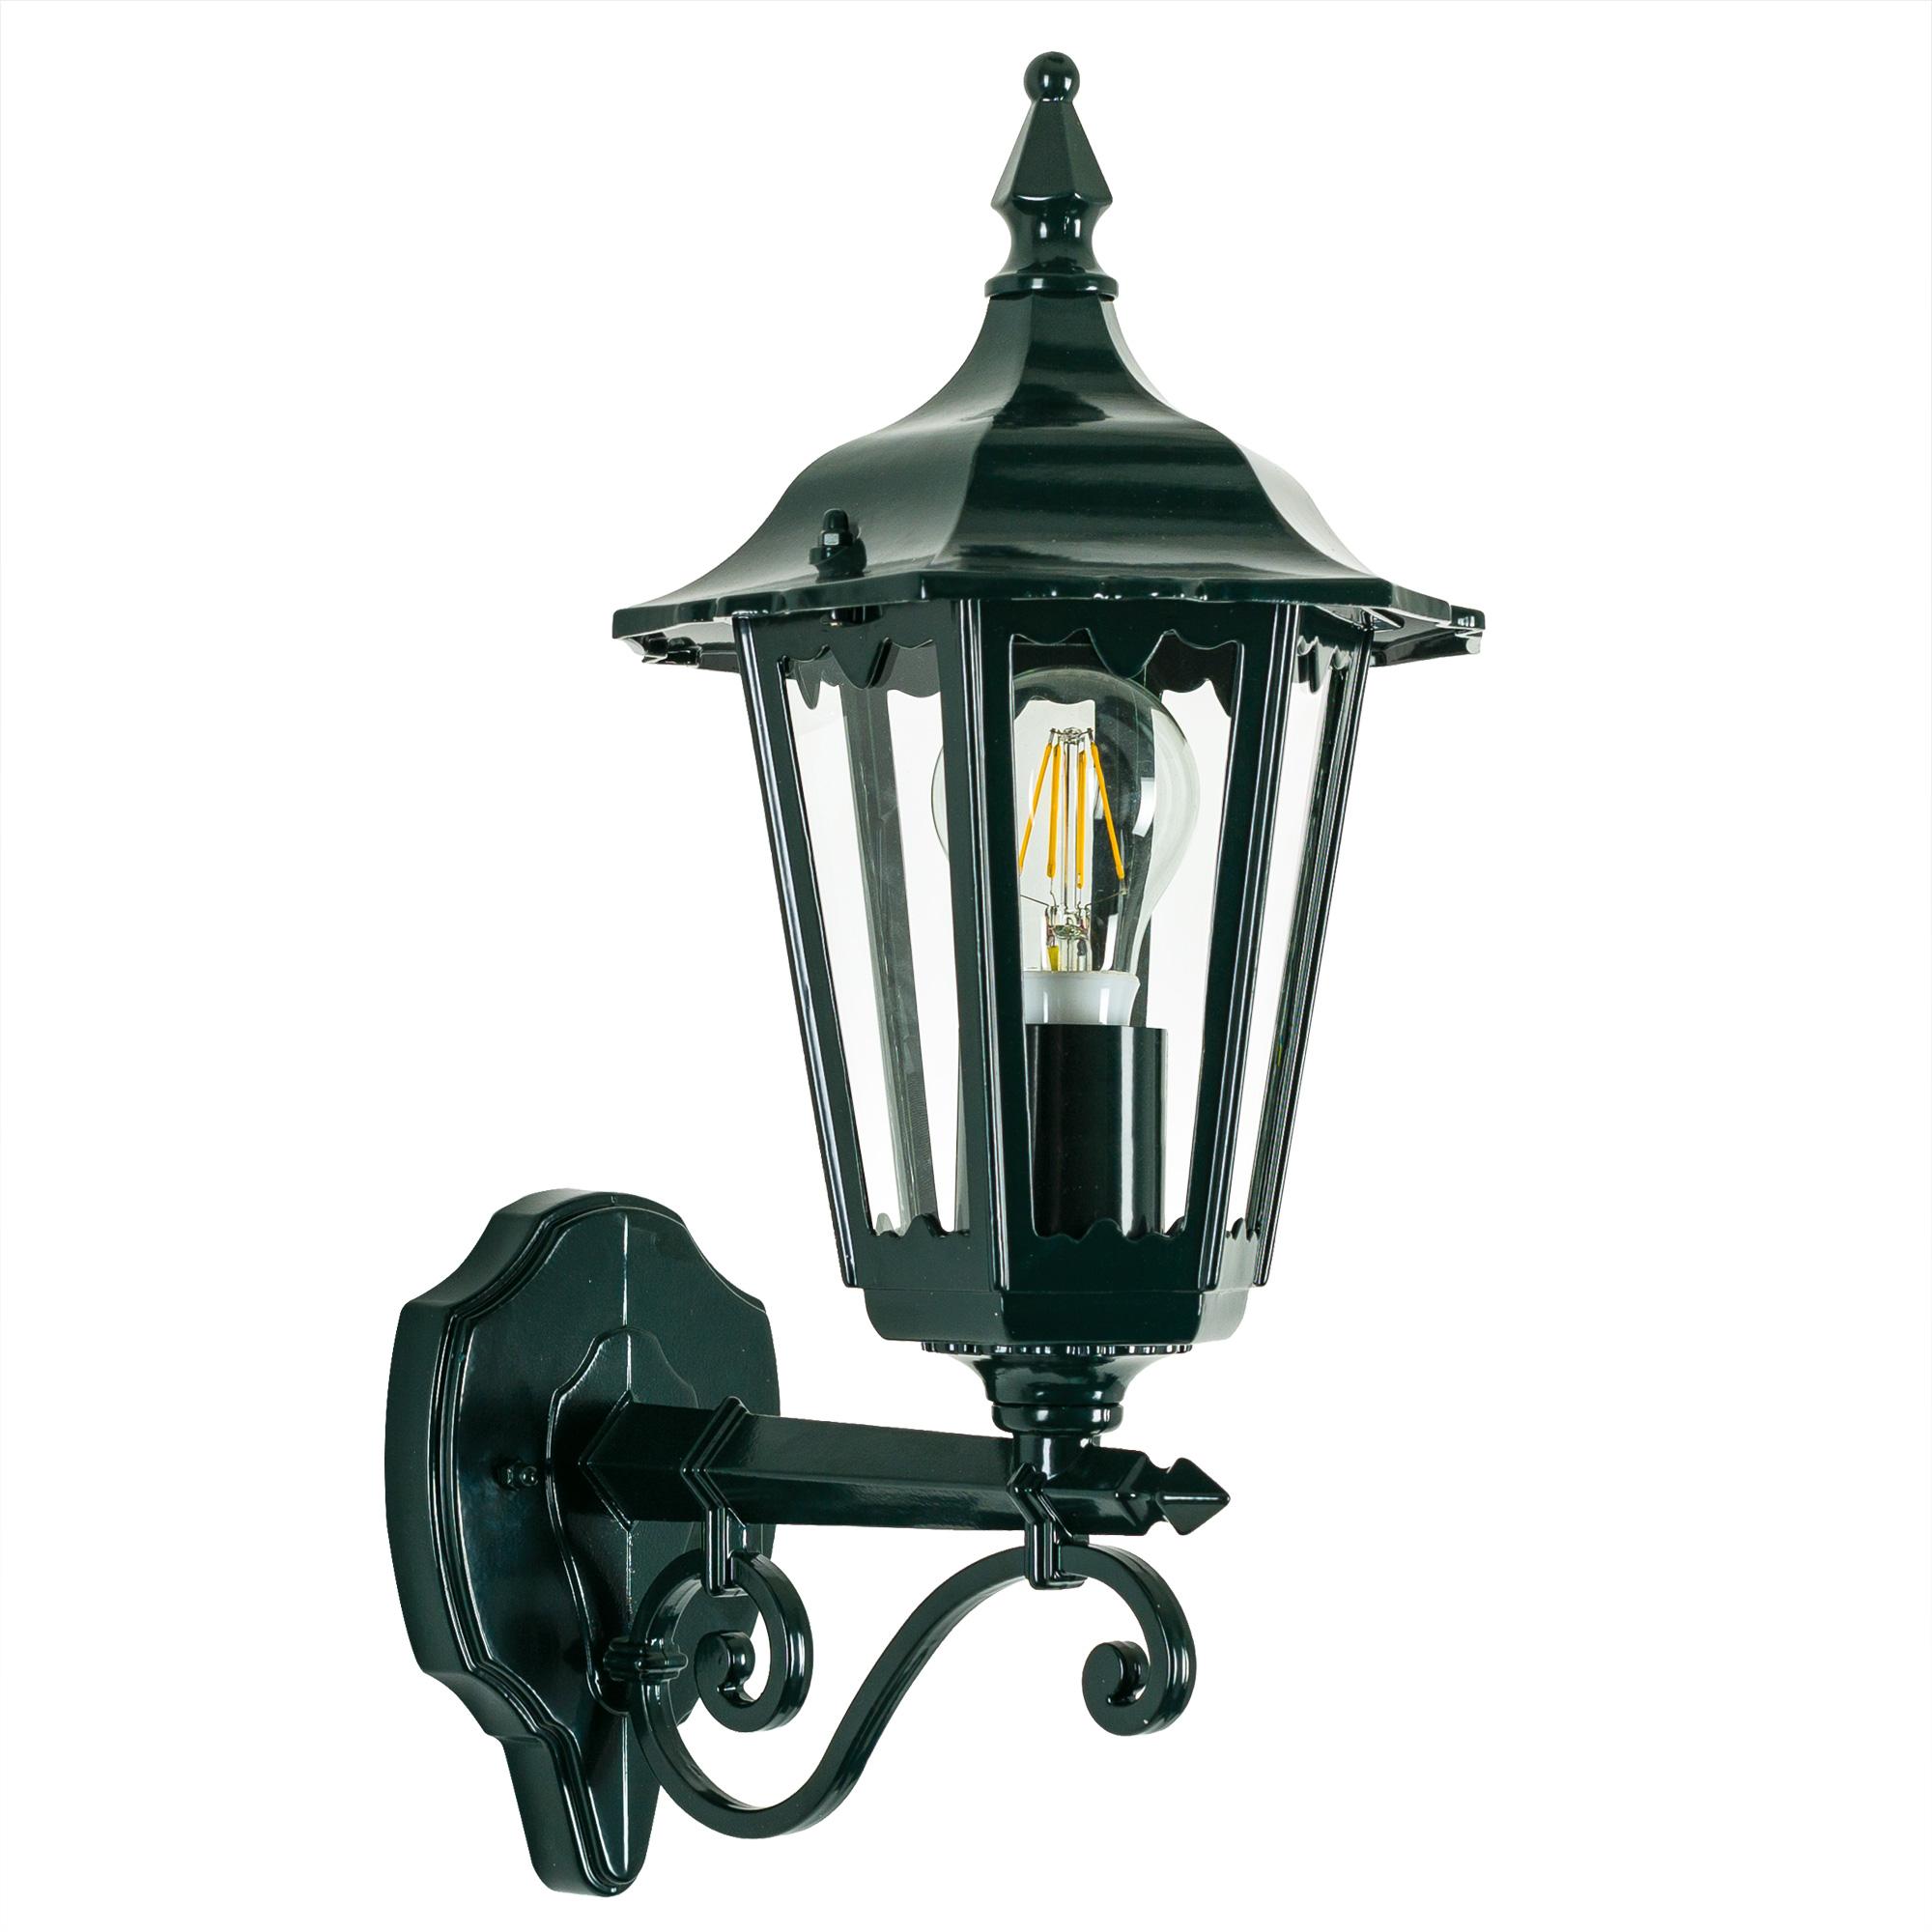 Muurlamp Sfeero staand Zwart